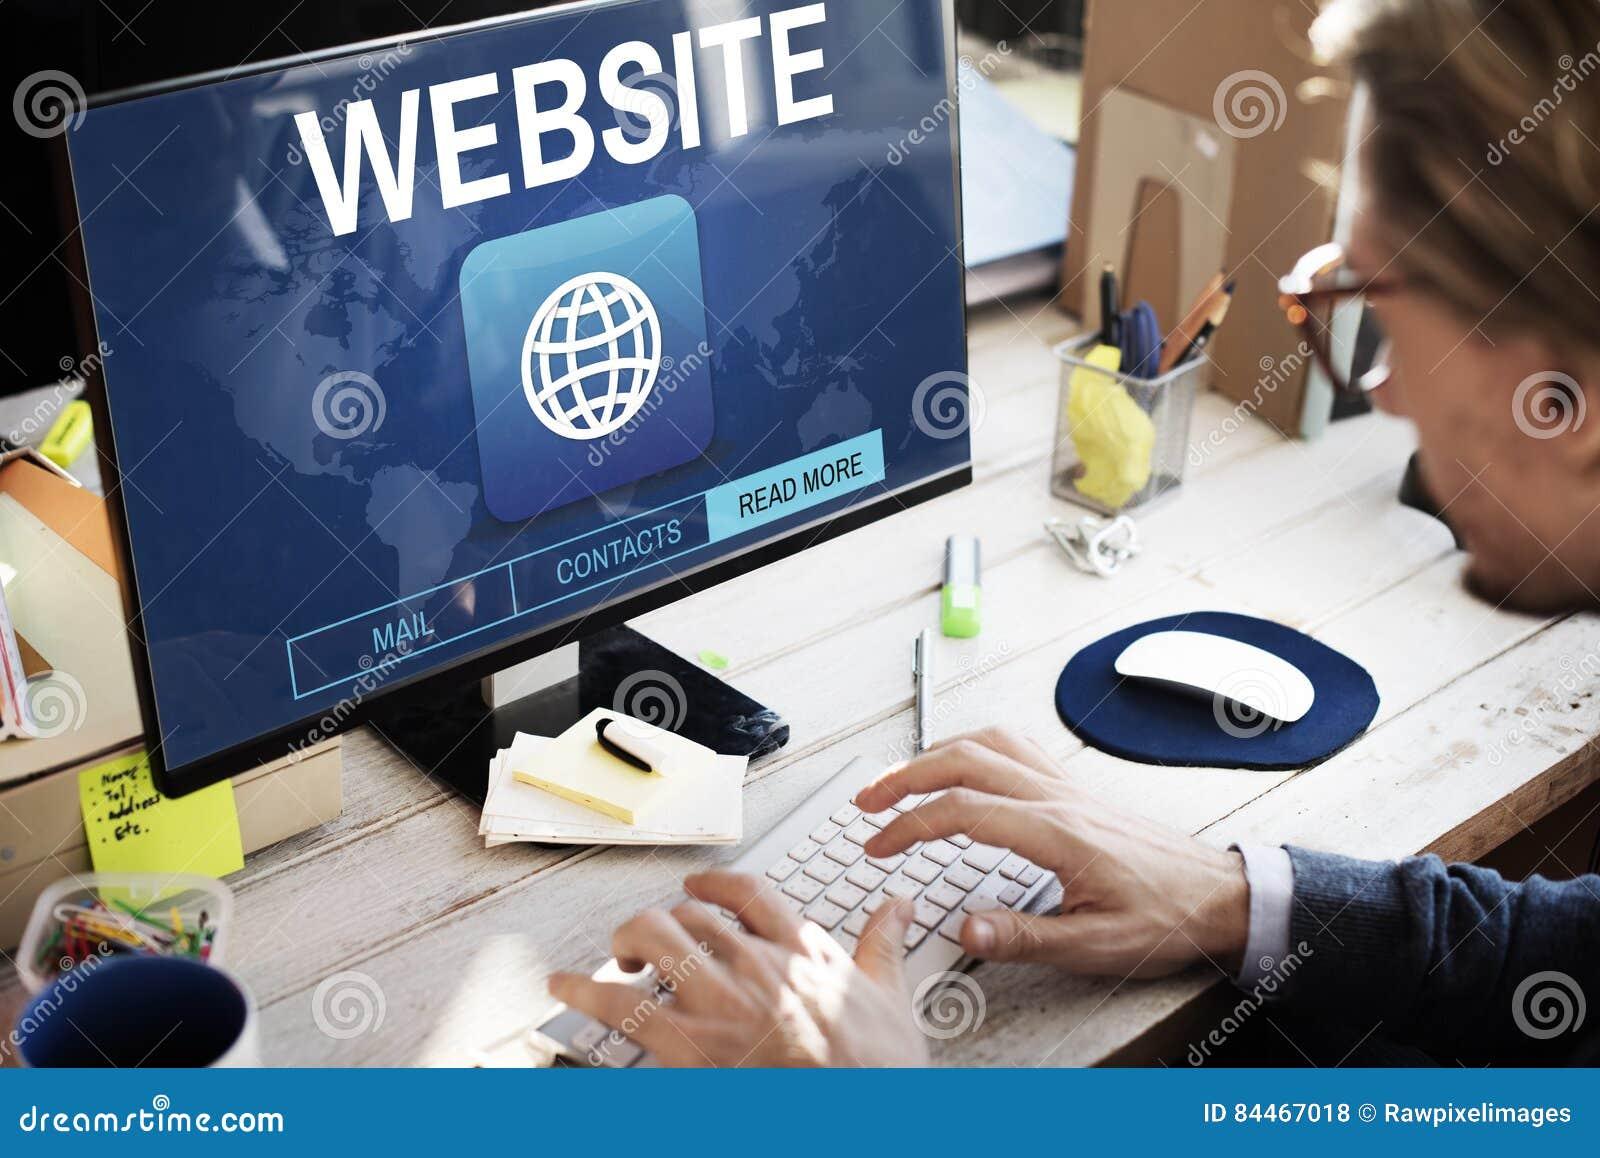 Mededeling Grafisch Internet WWW van de website bedriegt de Globale Verbinding